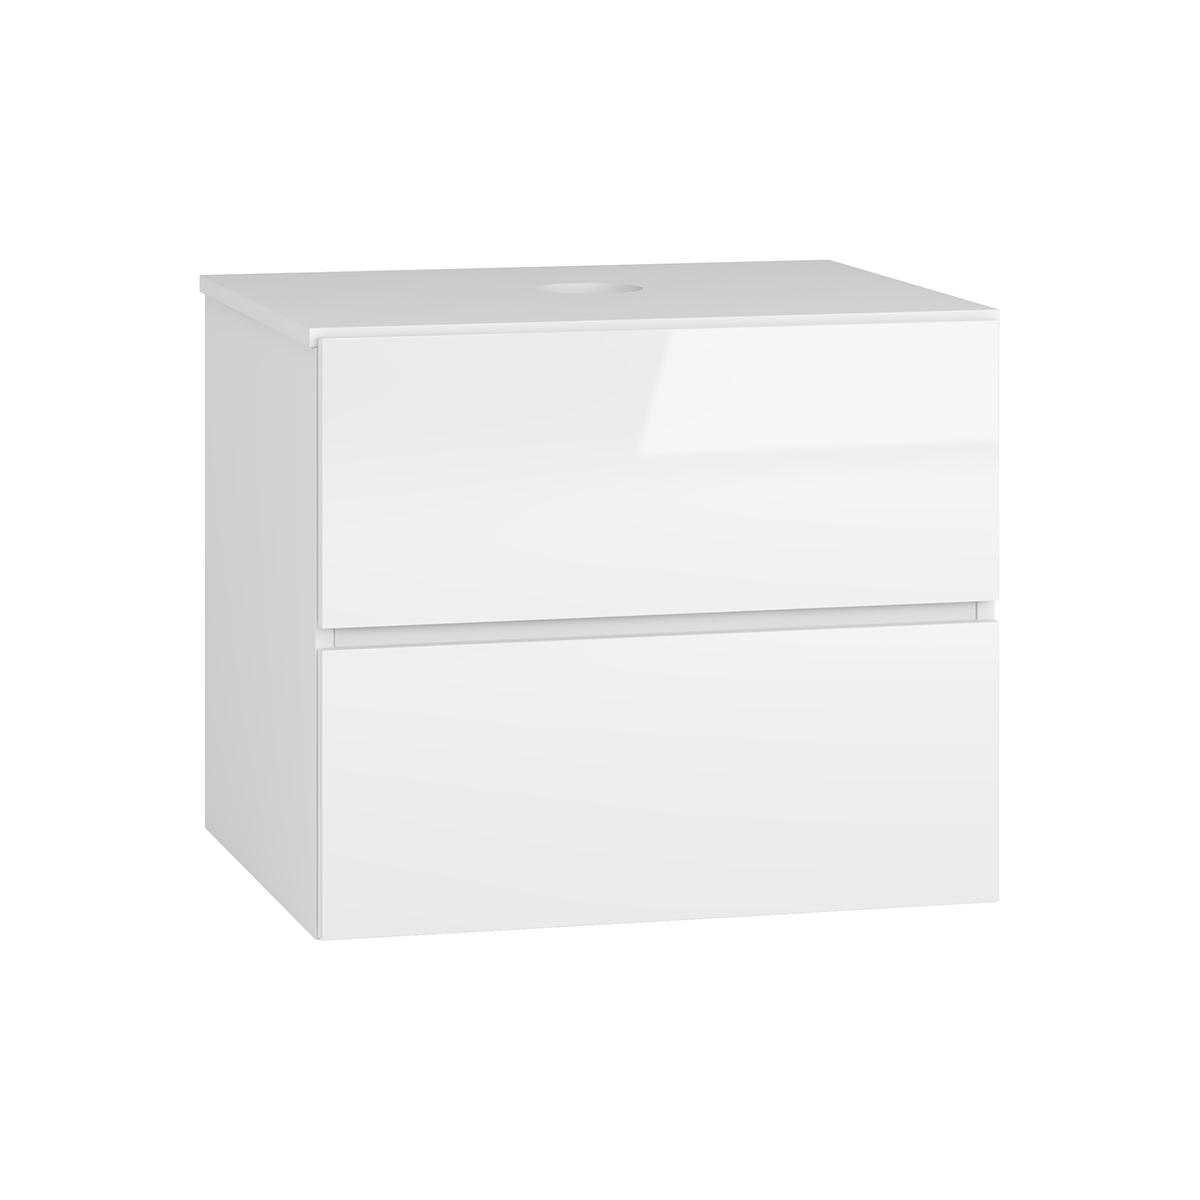 NABBI Baleta S60 kúpeľňová skrinka pod umývadlo alaska / biely lesk